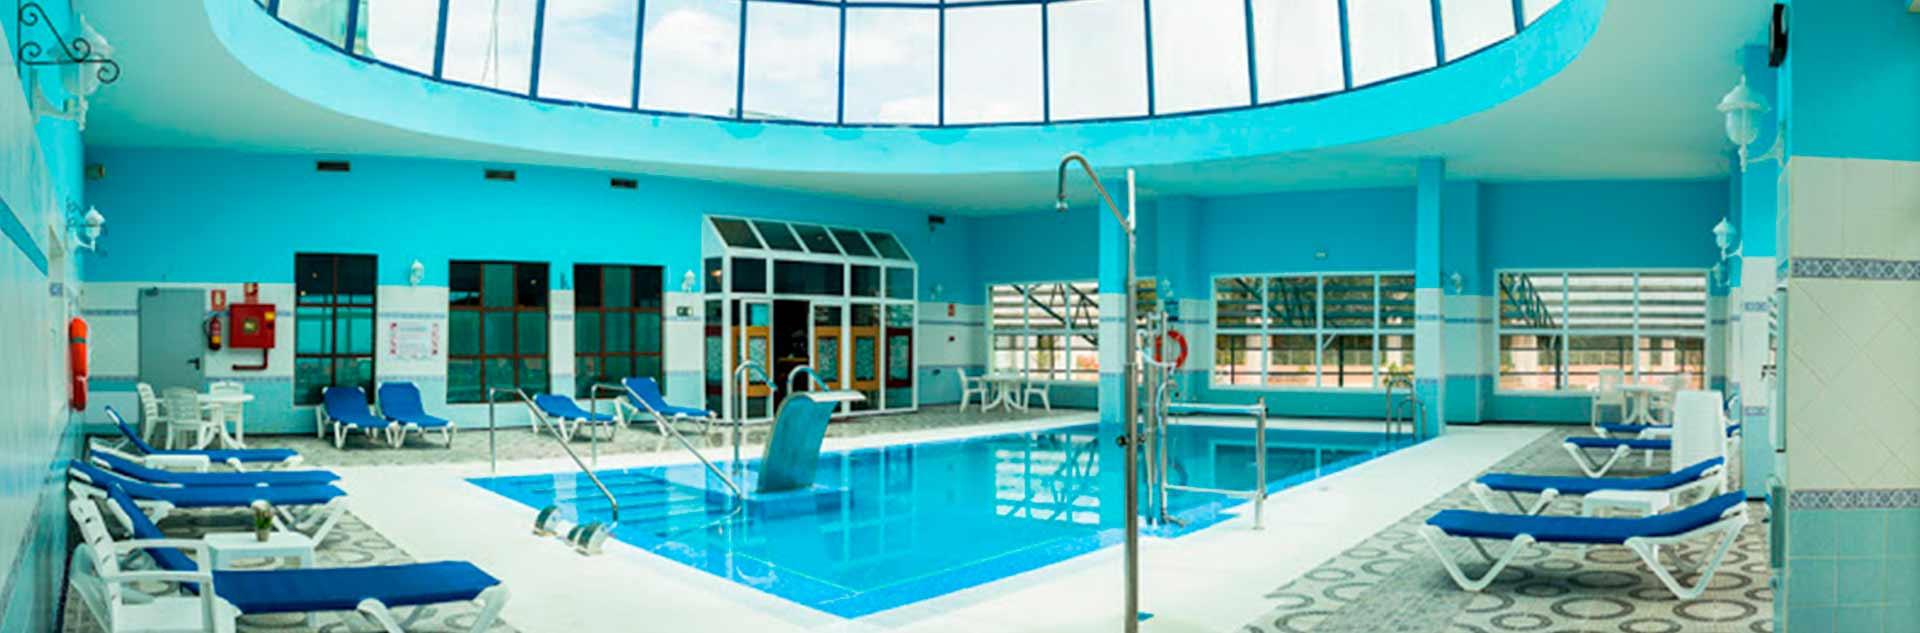 Zona spa del Hotel 4* de Marbella